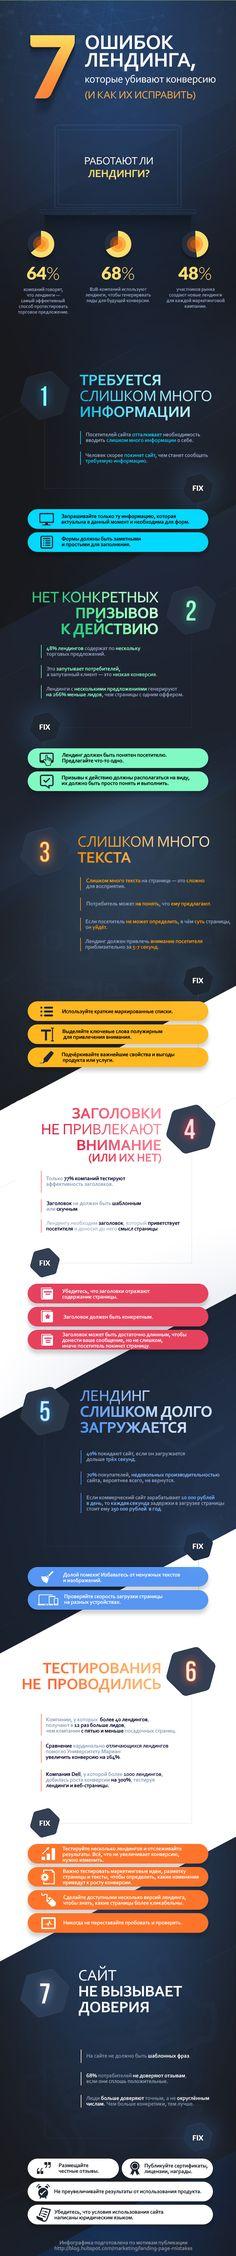 7 ошибок лендинга, которые убивают конверсию! И как их исправить. Полезная #инфографика. #SeoSolution #landing_page #seoblog #seotips #marketing #продвижение #оптимизация #раскрутка #соцсети #смм #website #internetmarketing #smm